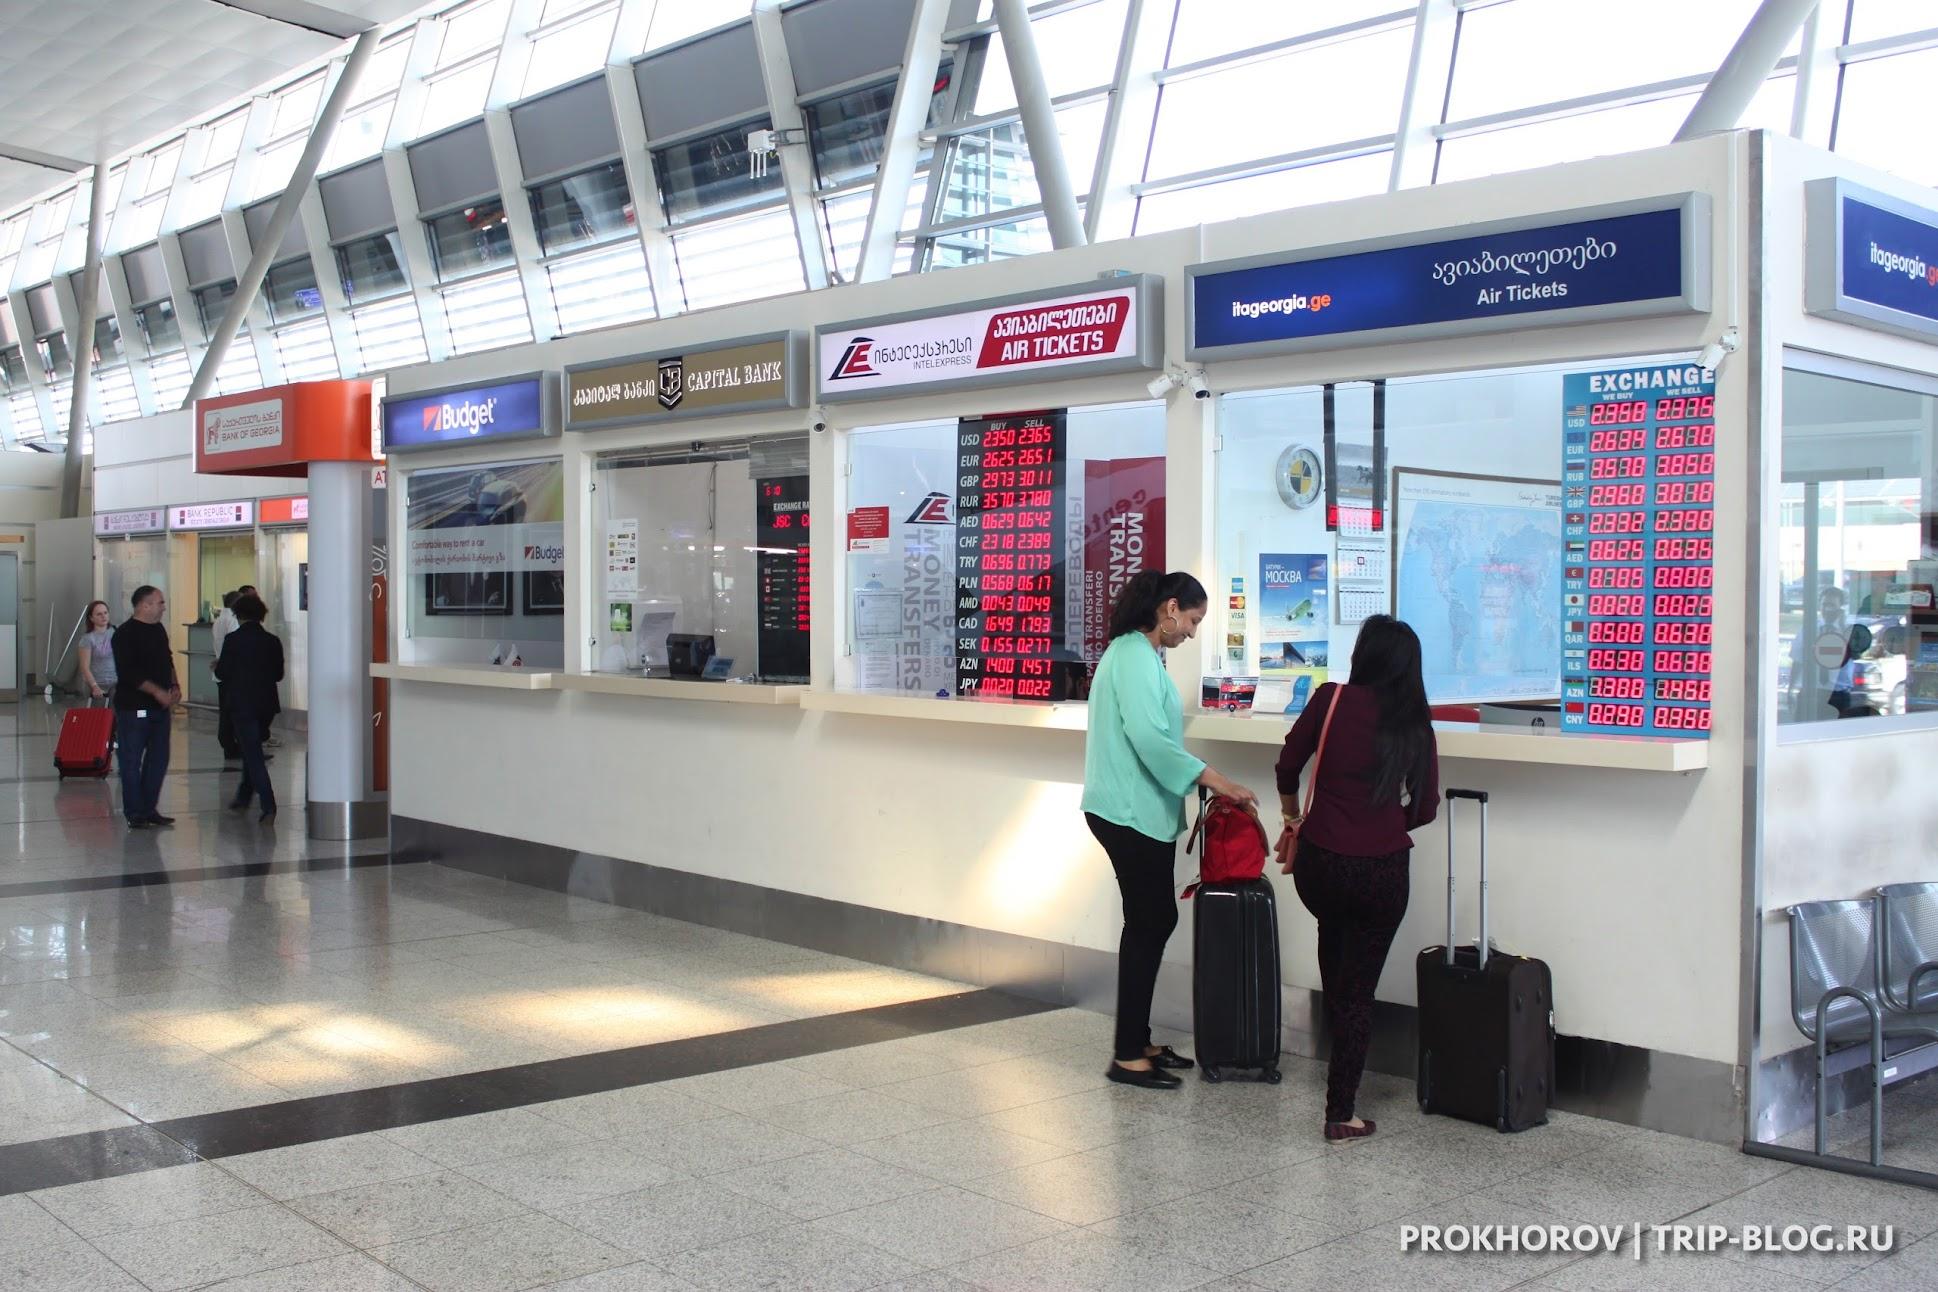 Обменник в аэропорту Тбилиси